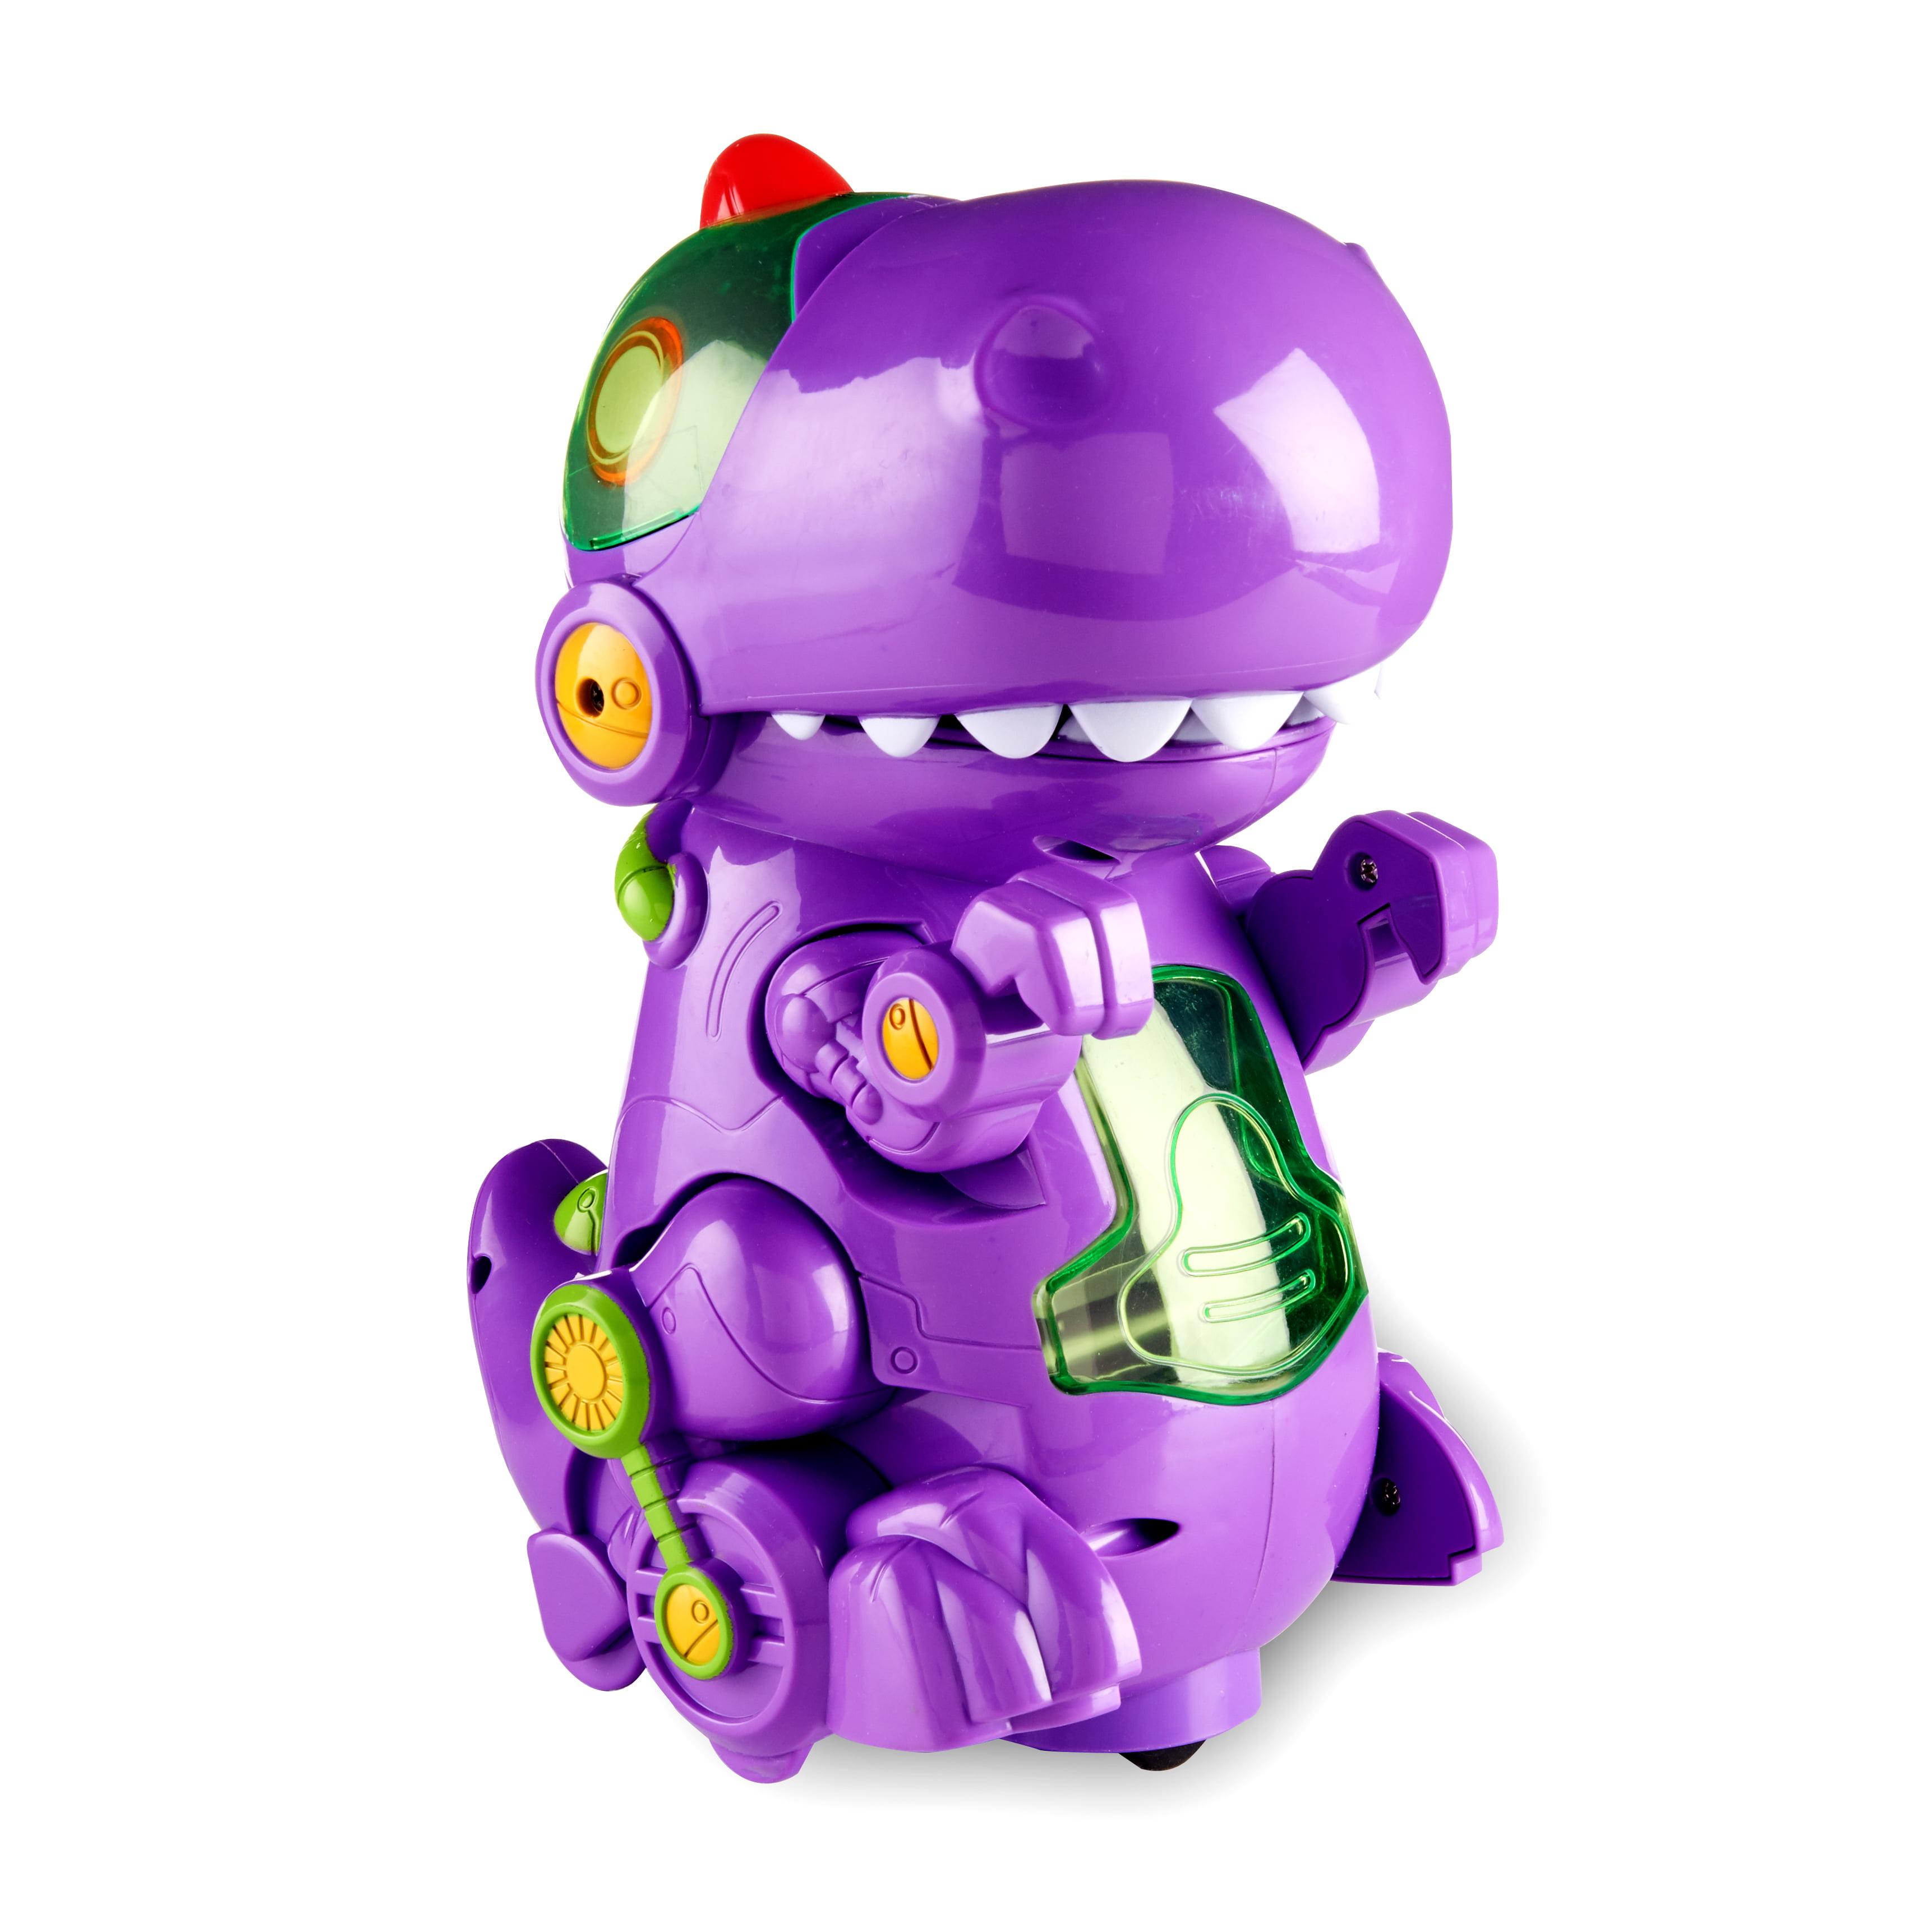 Play Day Bump 'N' Go Bubble Dinosaur